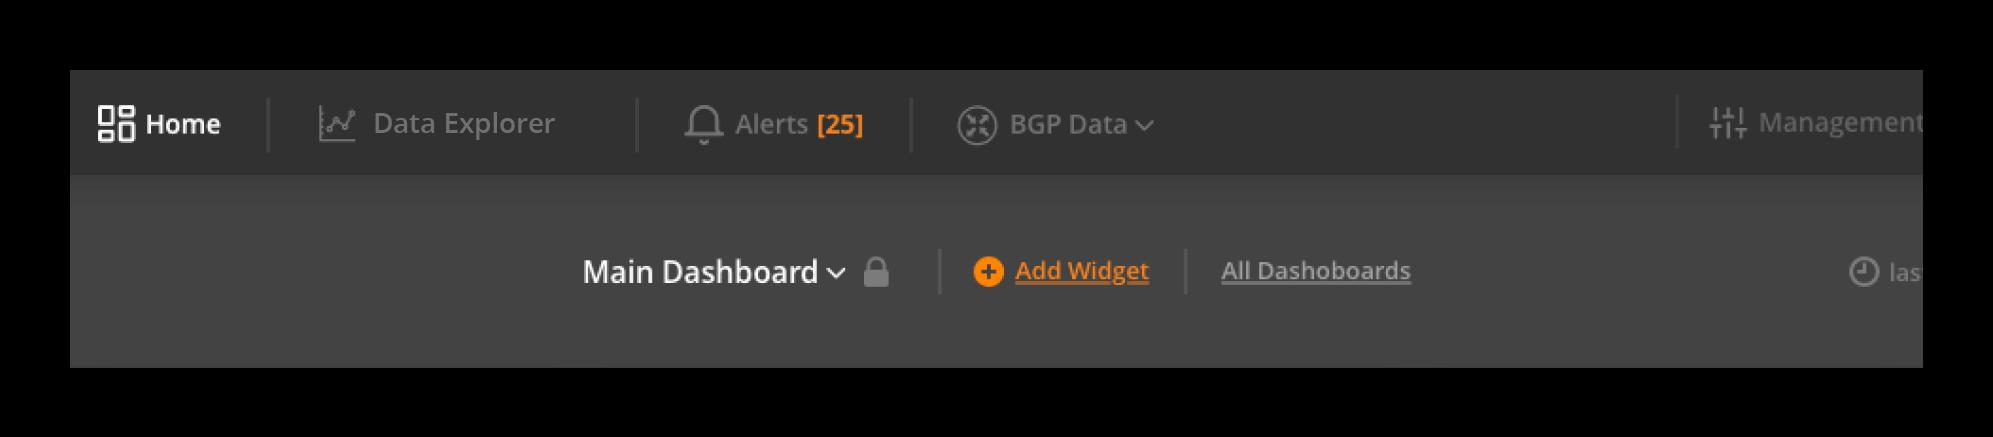 2.1.2 add widget